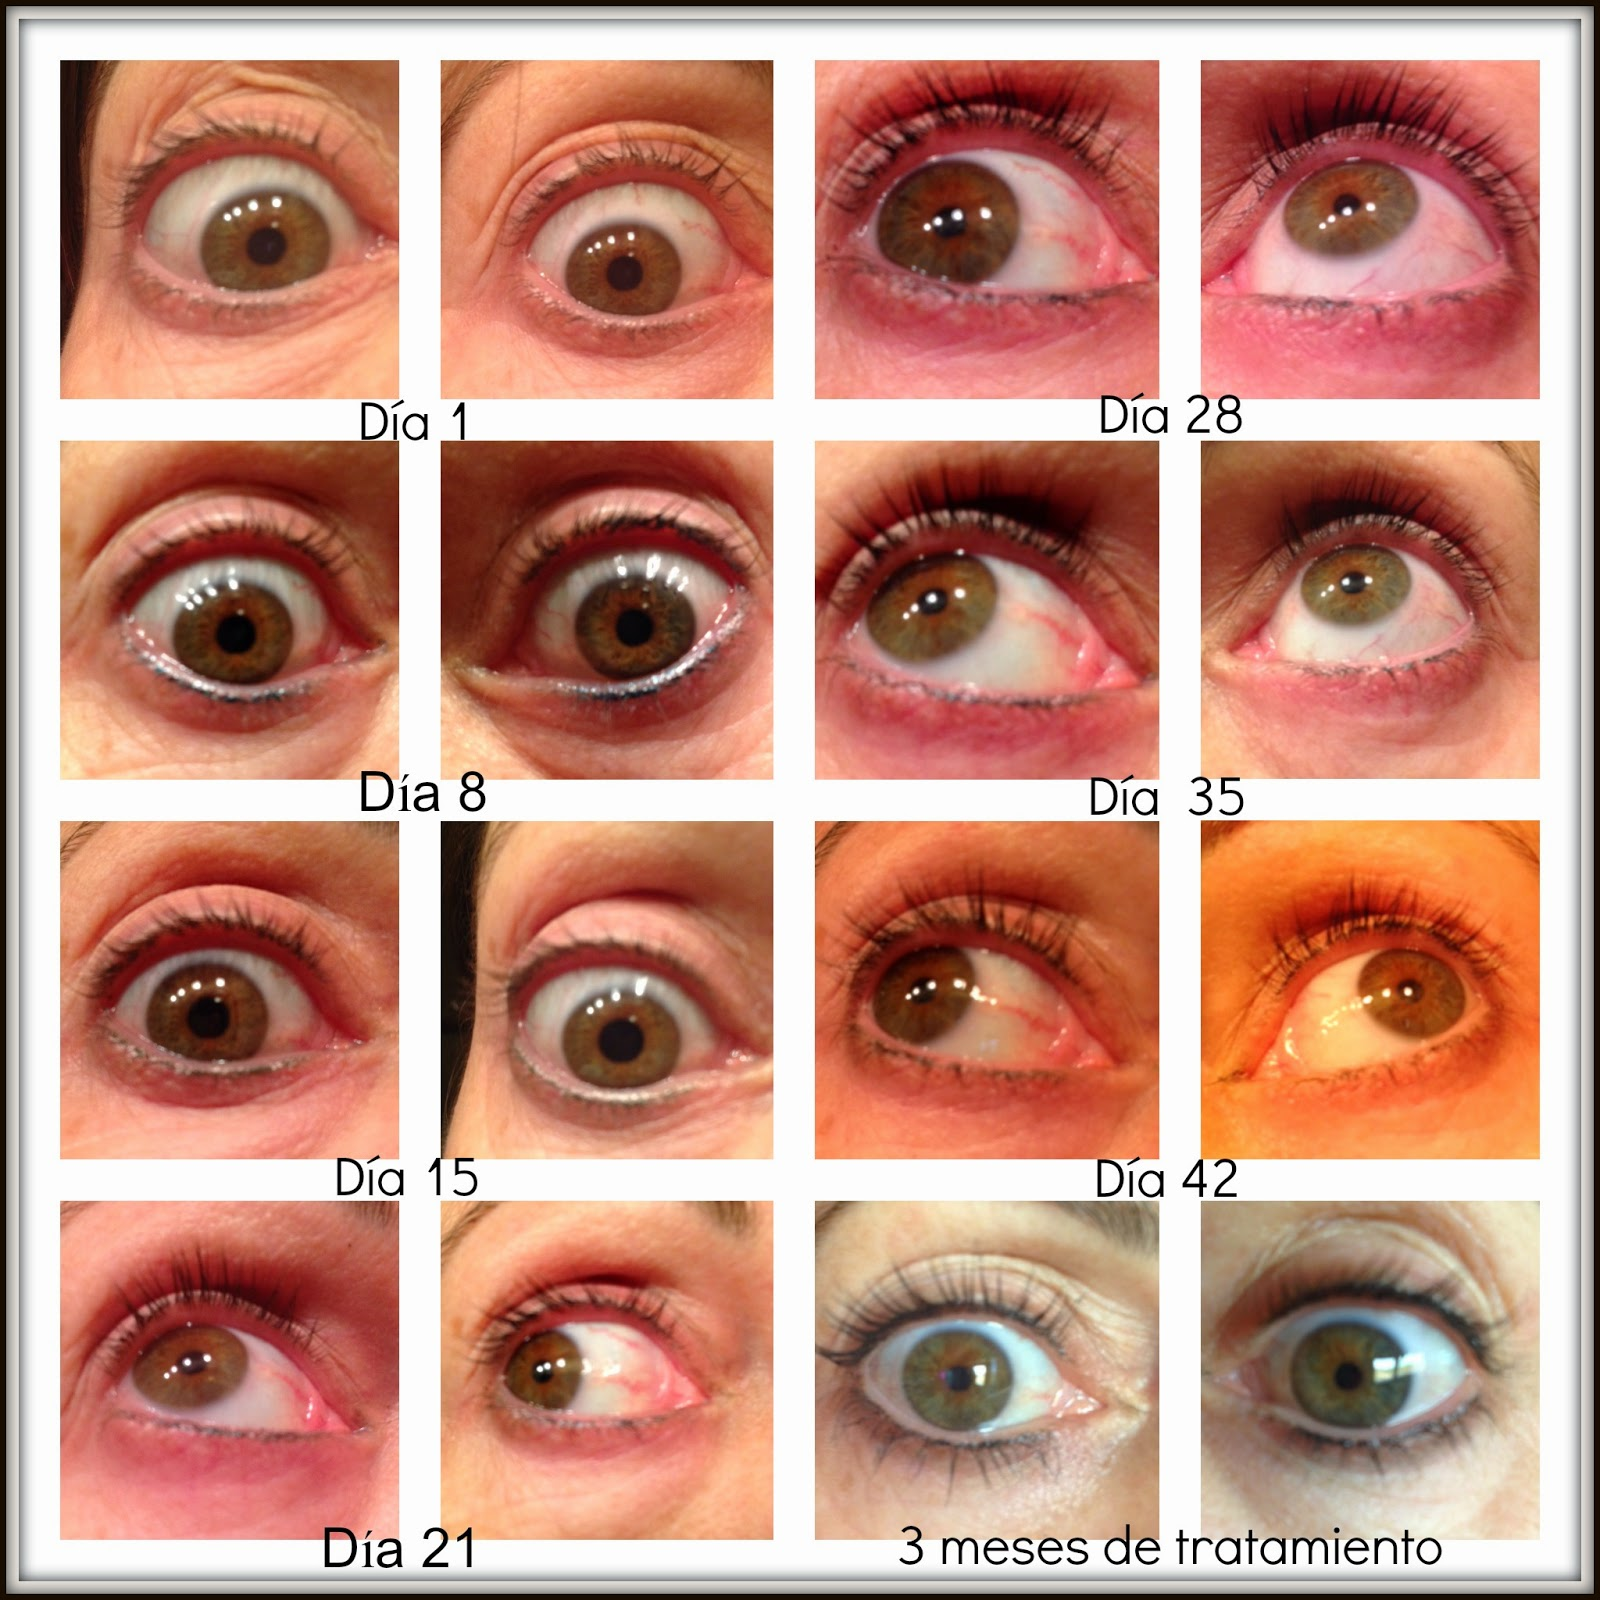 M2 Lashes Beauty - Tratamiento alargar pestañas - Pestañas largas